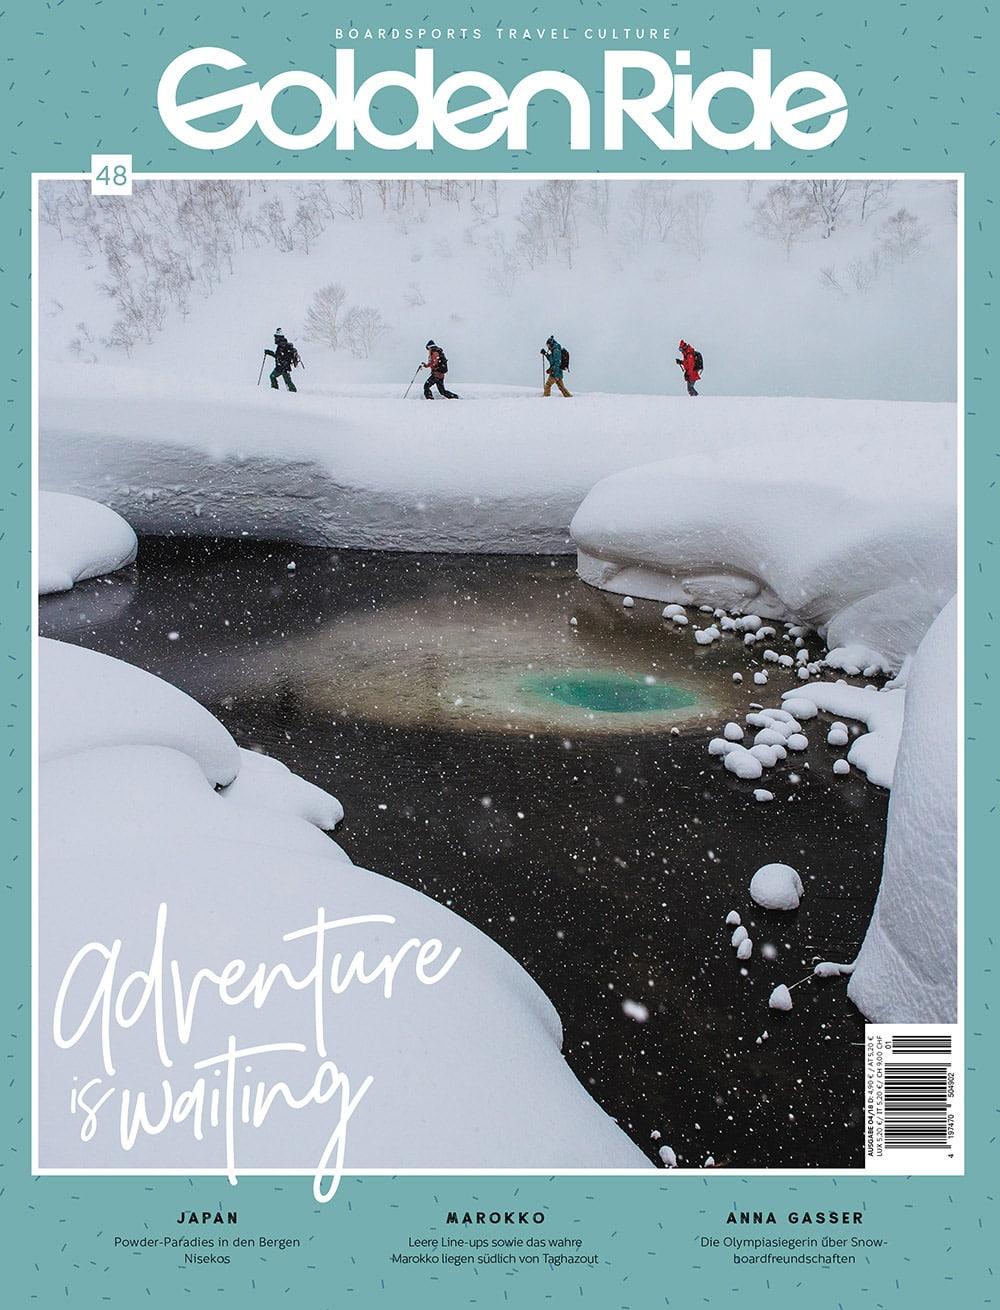 Golden Ride Magazine